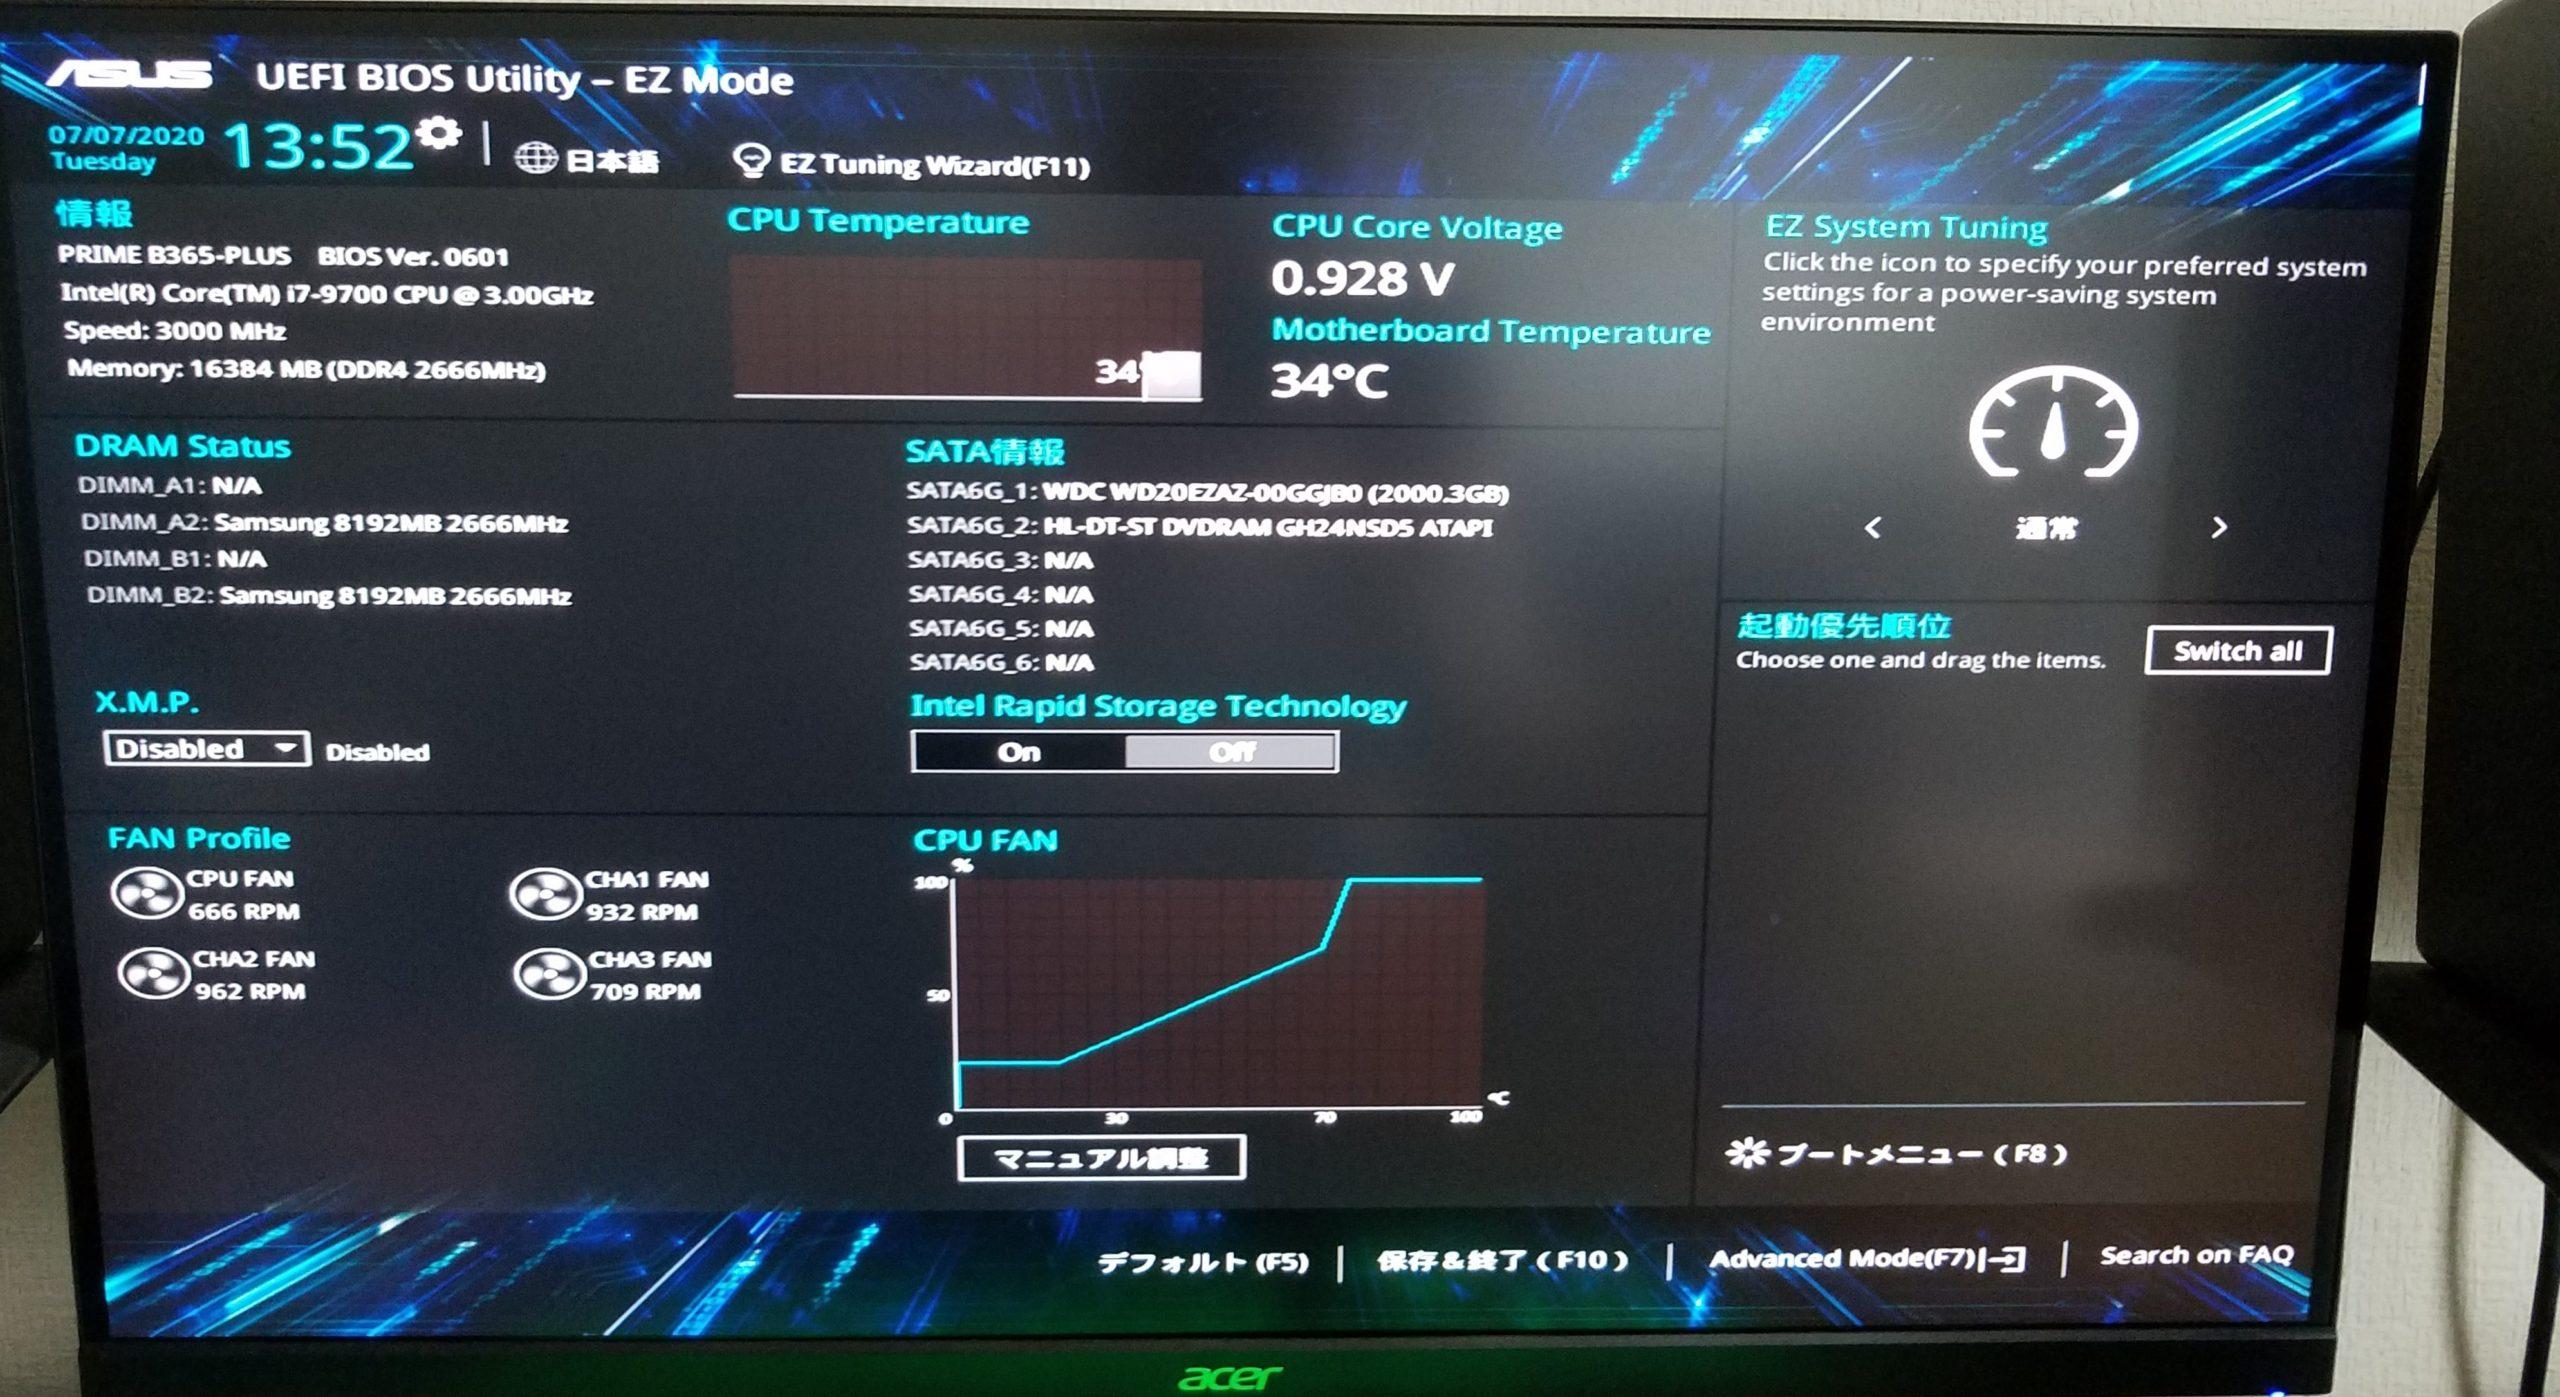 UEFI BIOS Utilityの画面